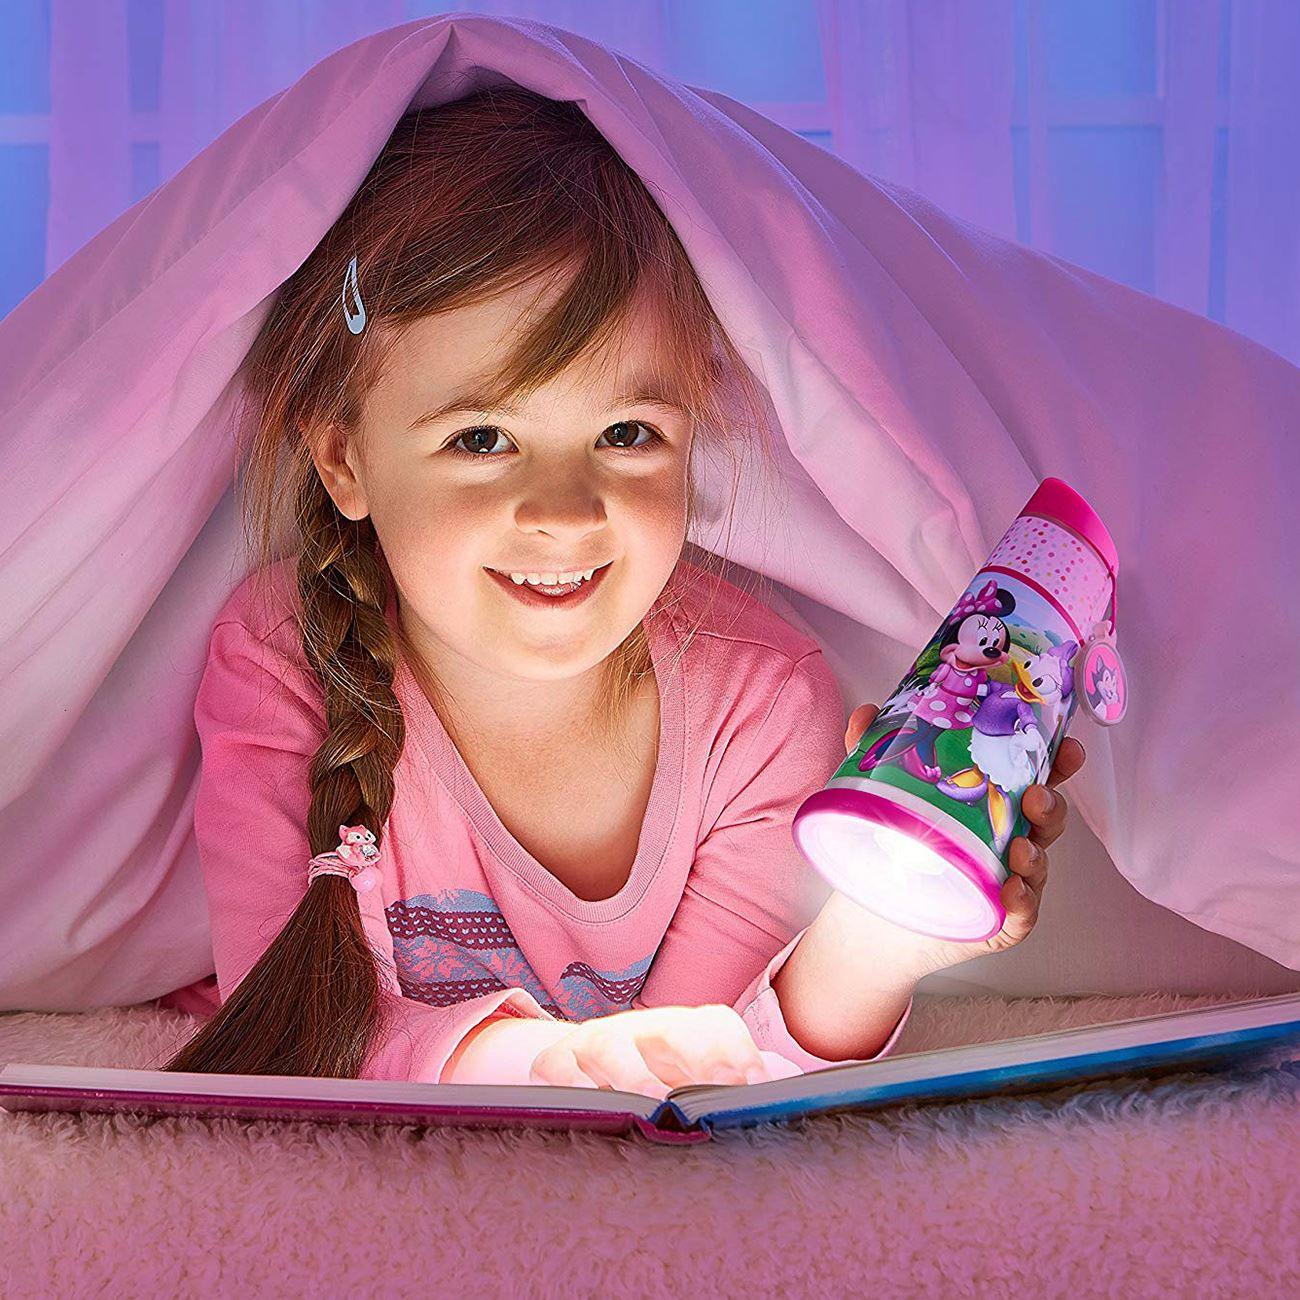 Indexbild 48 - Go Glow Nacht Beam Kipp Torch Beleuchtung Licht Kinder Schlafzimmer